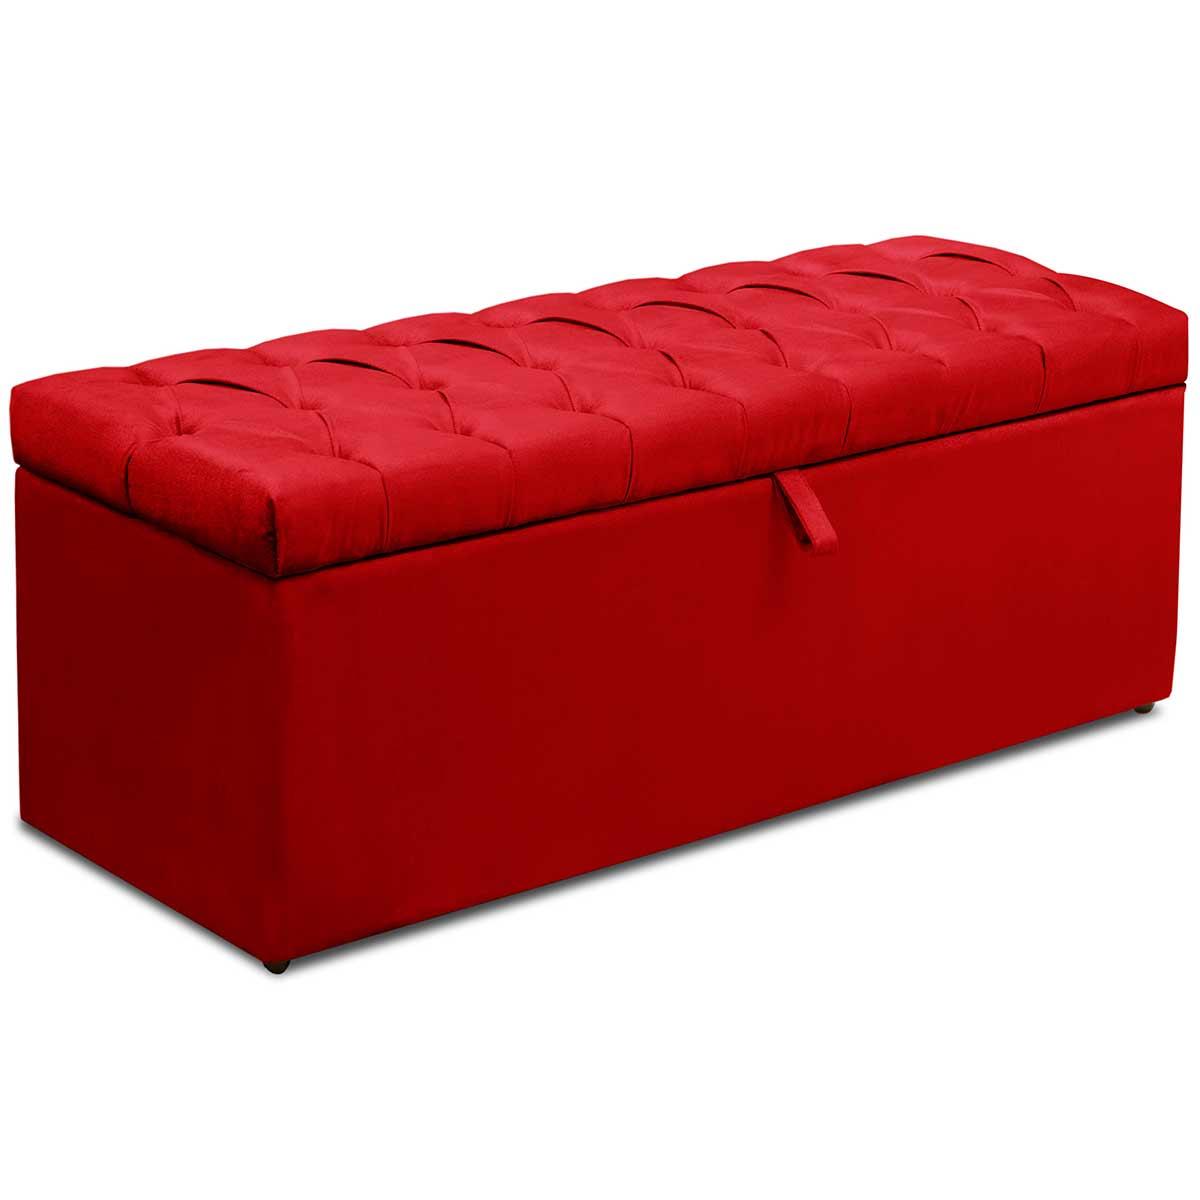 Calçadeira com Baú Itália Animale Vermelho 160 cm